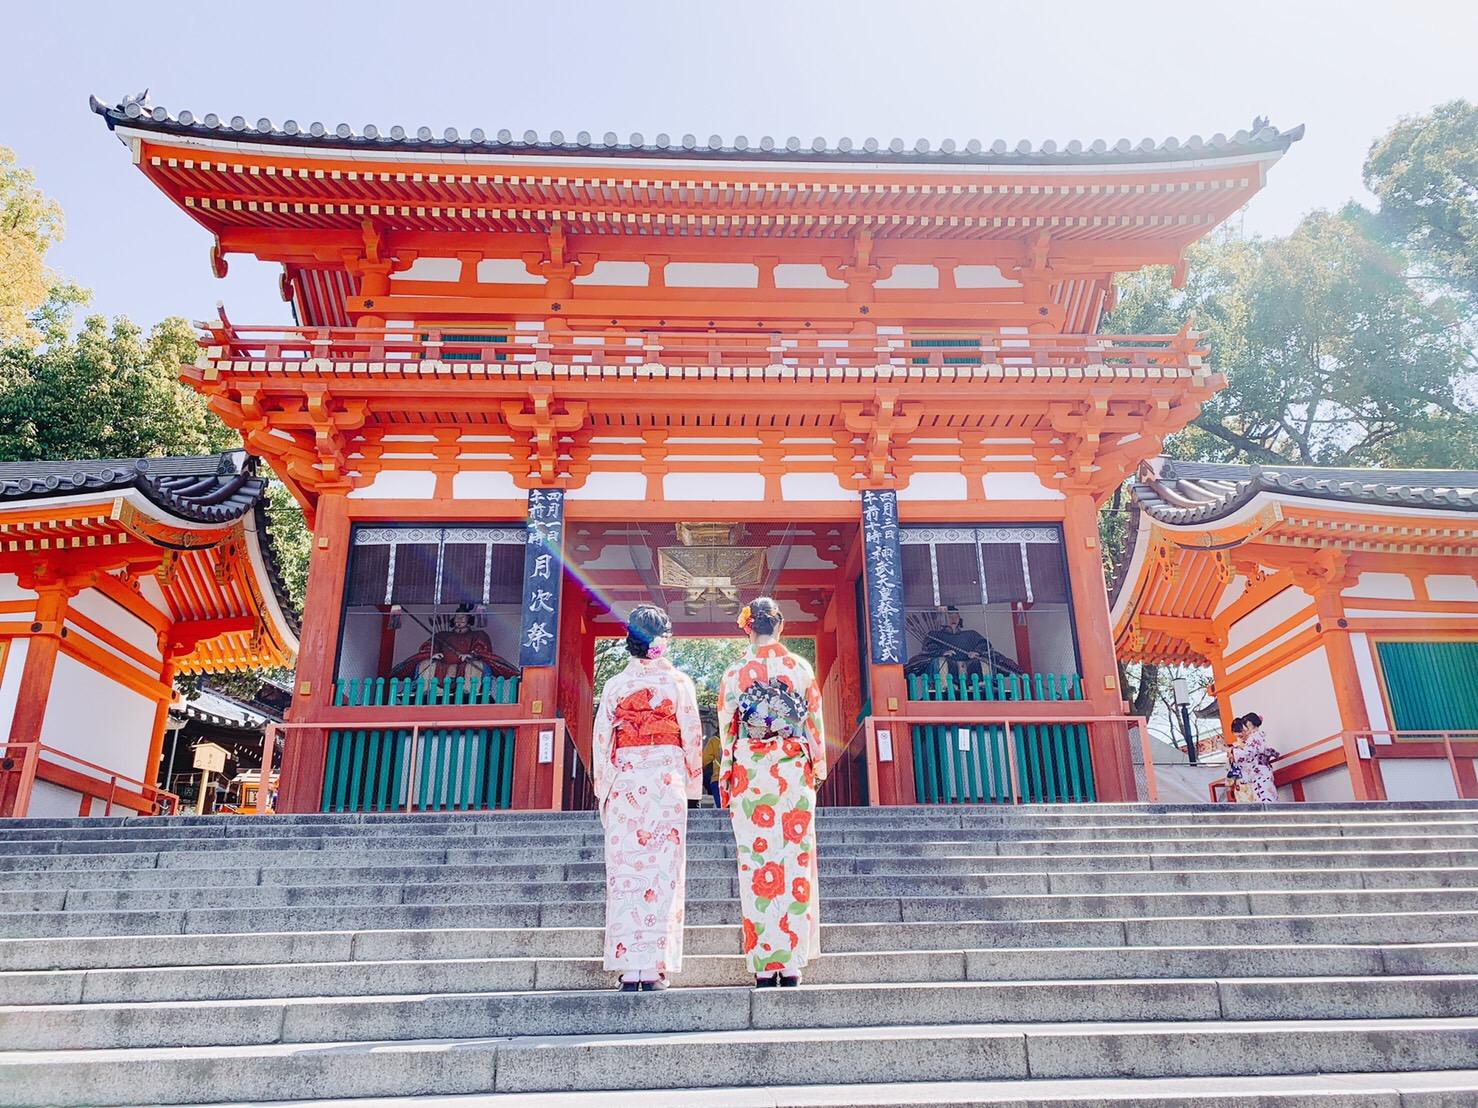 今日も京都御苑へお花見♡2019年3月26日12